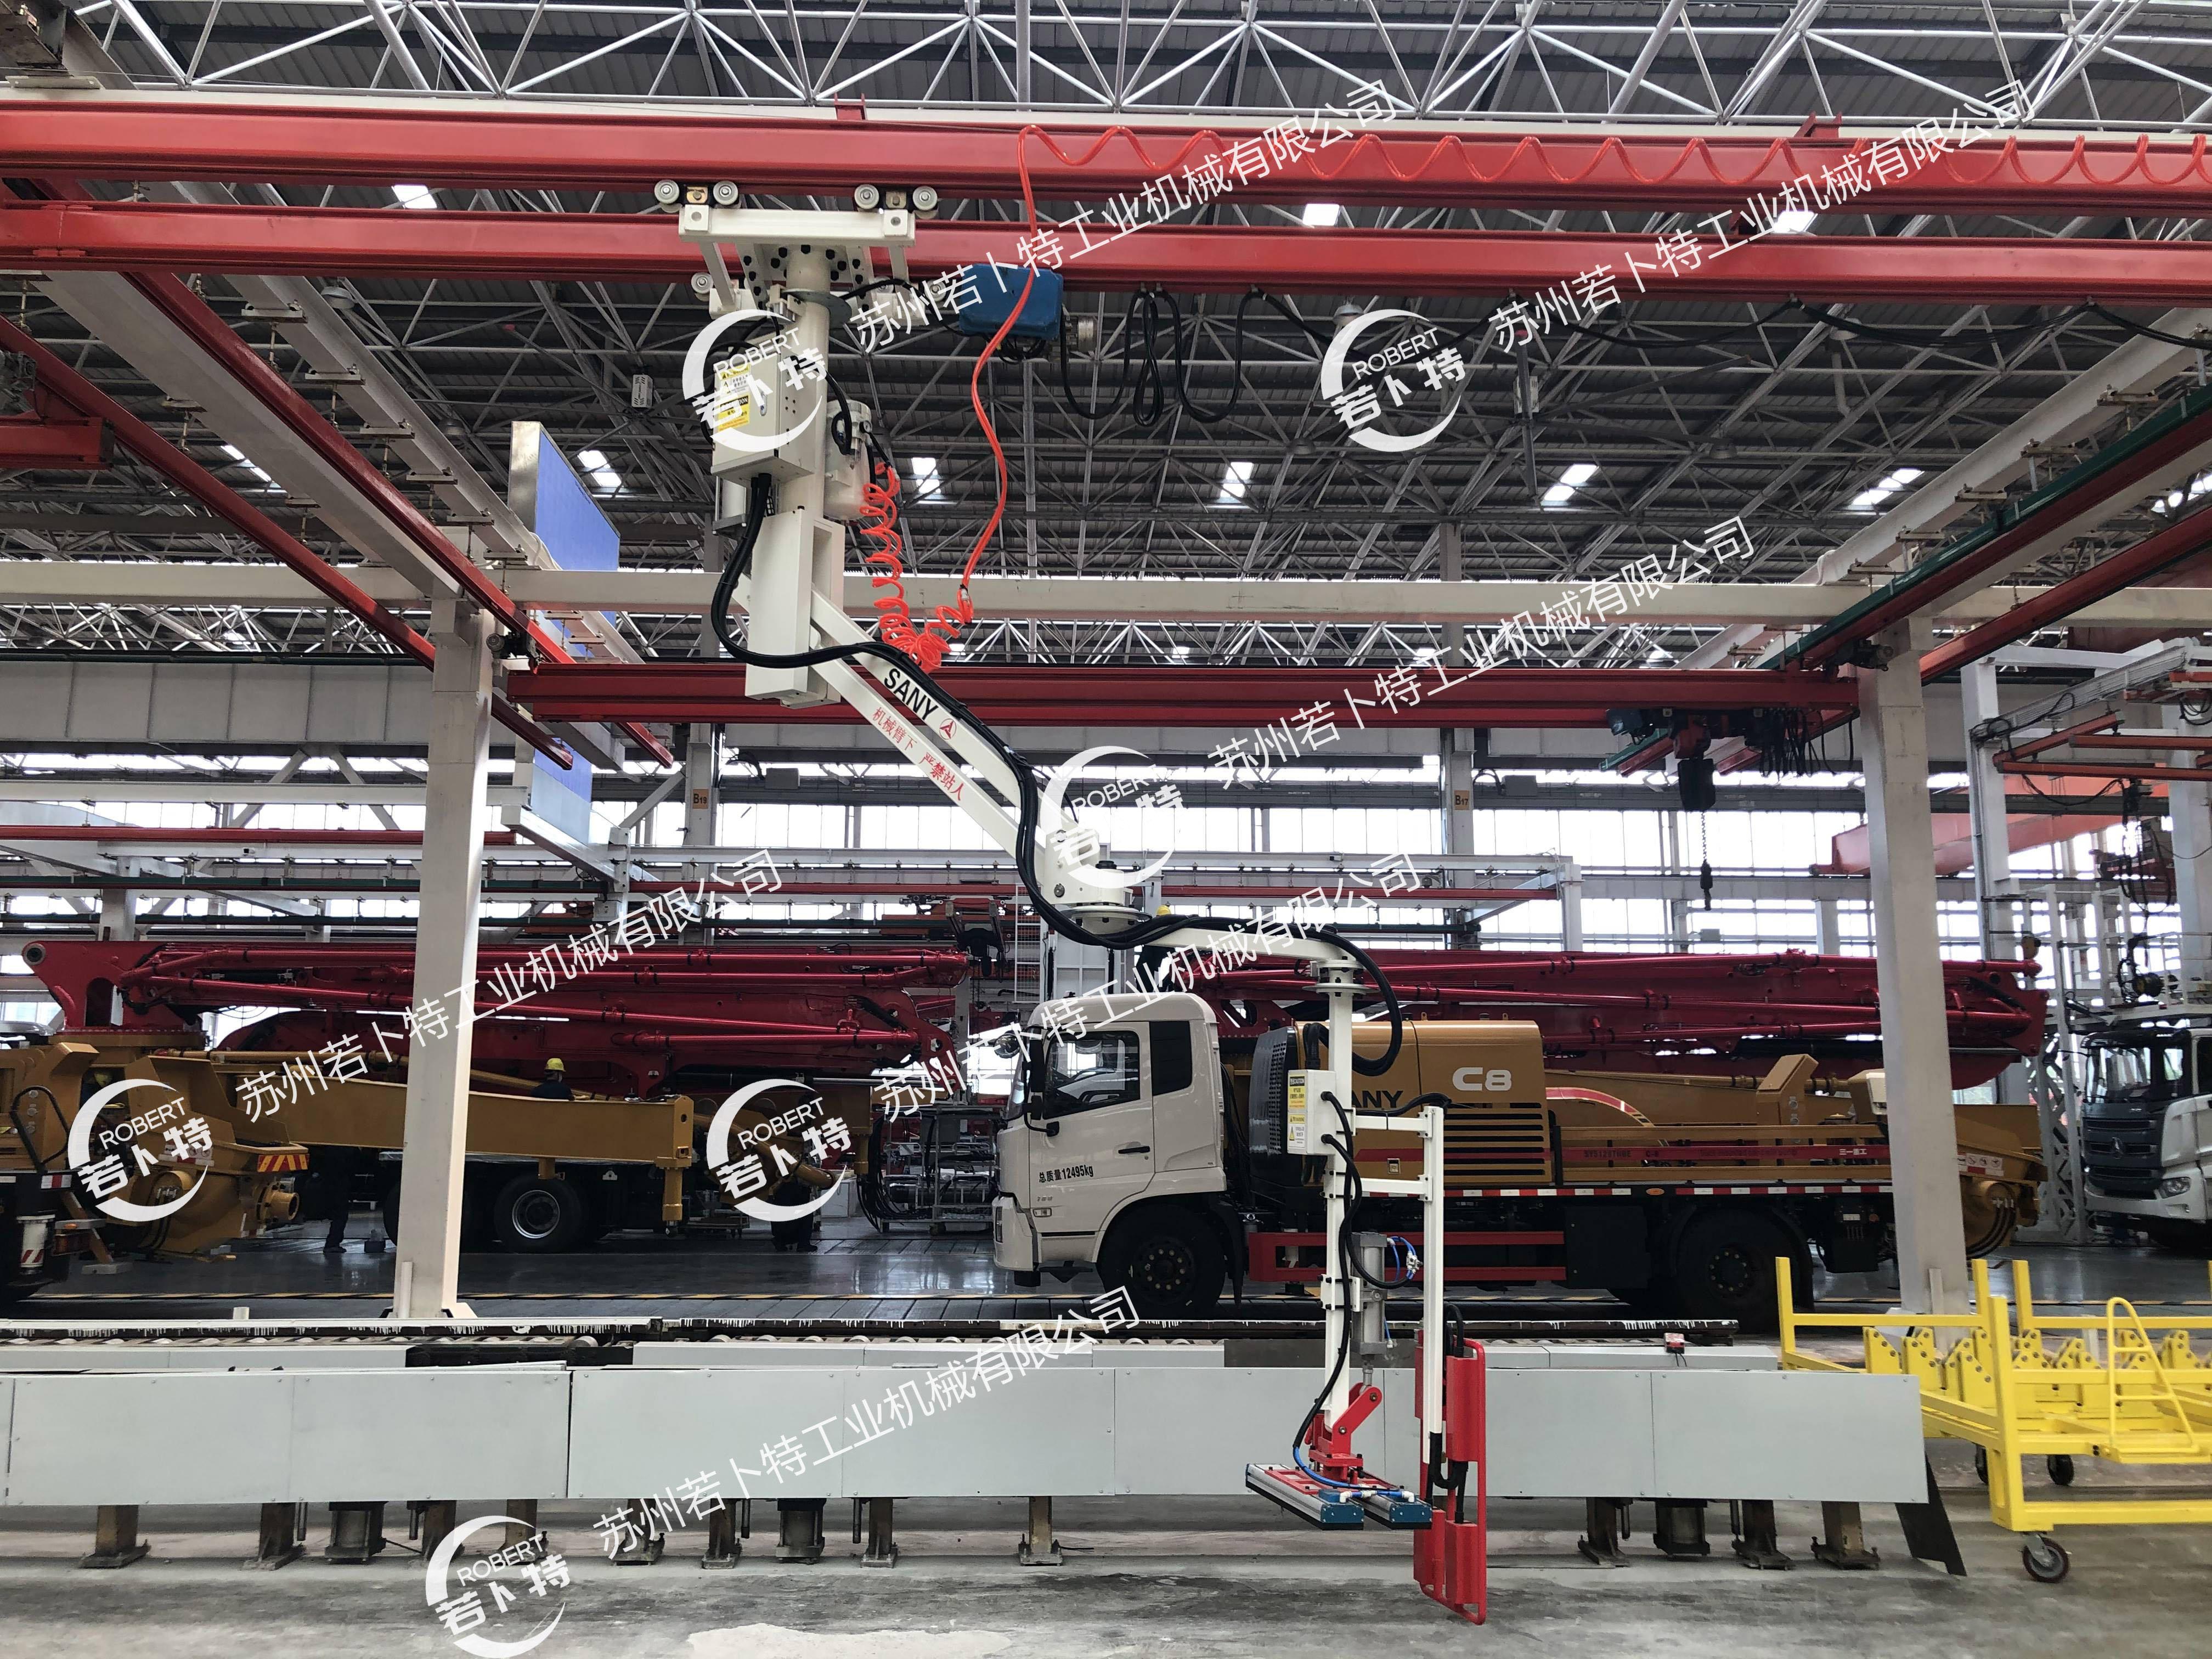 搬运厚重的轮胎很难?-悬挂式助力机械手可以轻松帮助你